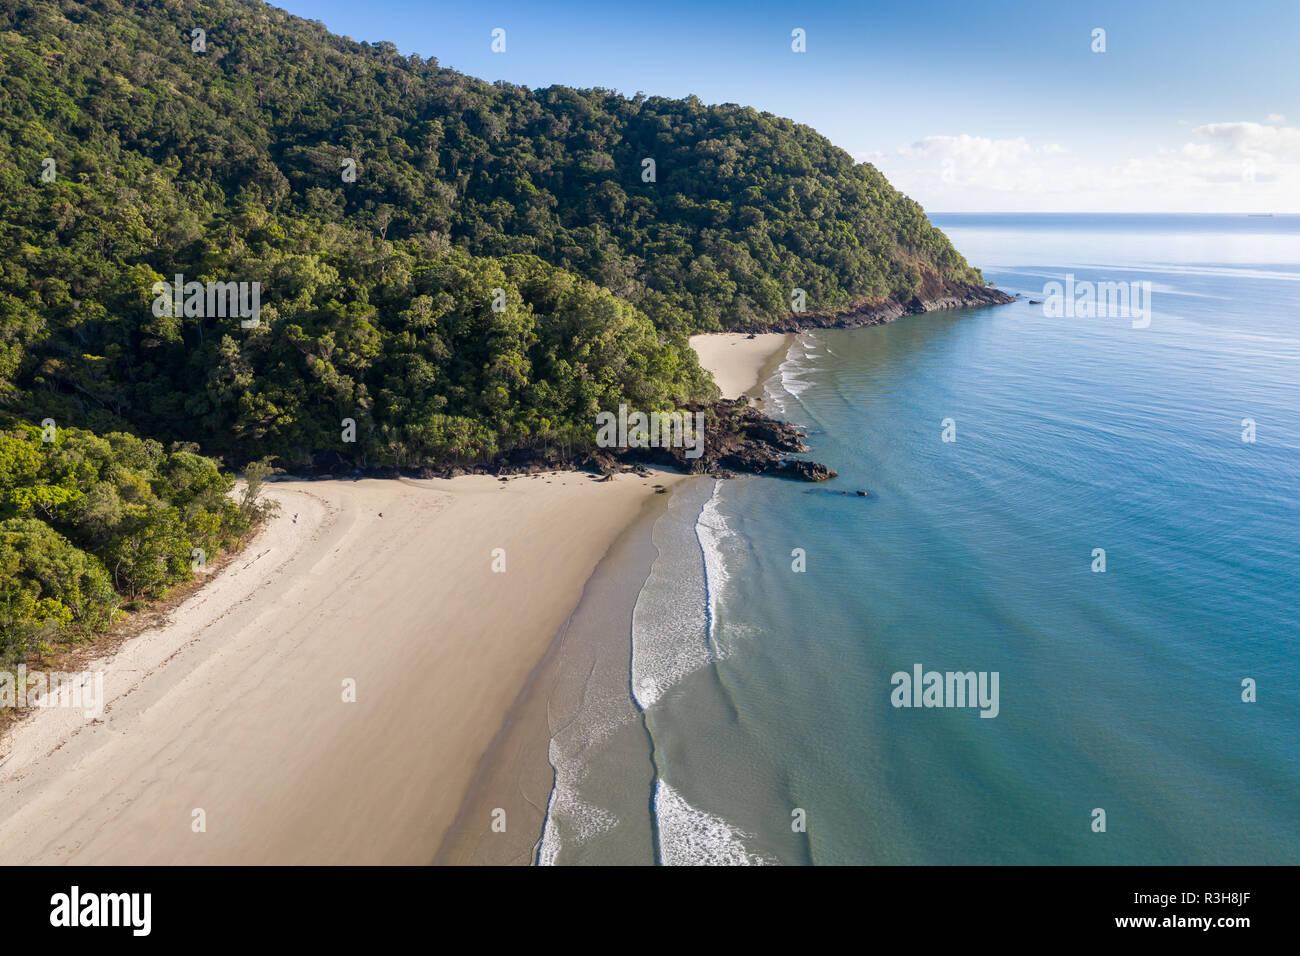 Vista aérea de Noé Daintree playa ubicada en la costa norte de Cairns. La selva tropical se encuentra con el océano en esta sección prístino de la zona costera en la Reina Foto de stock